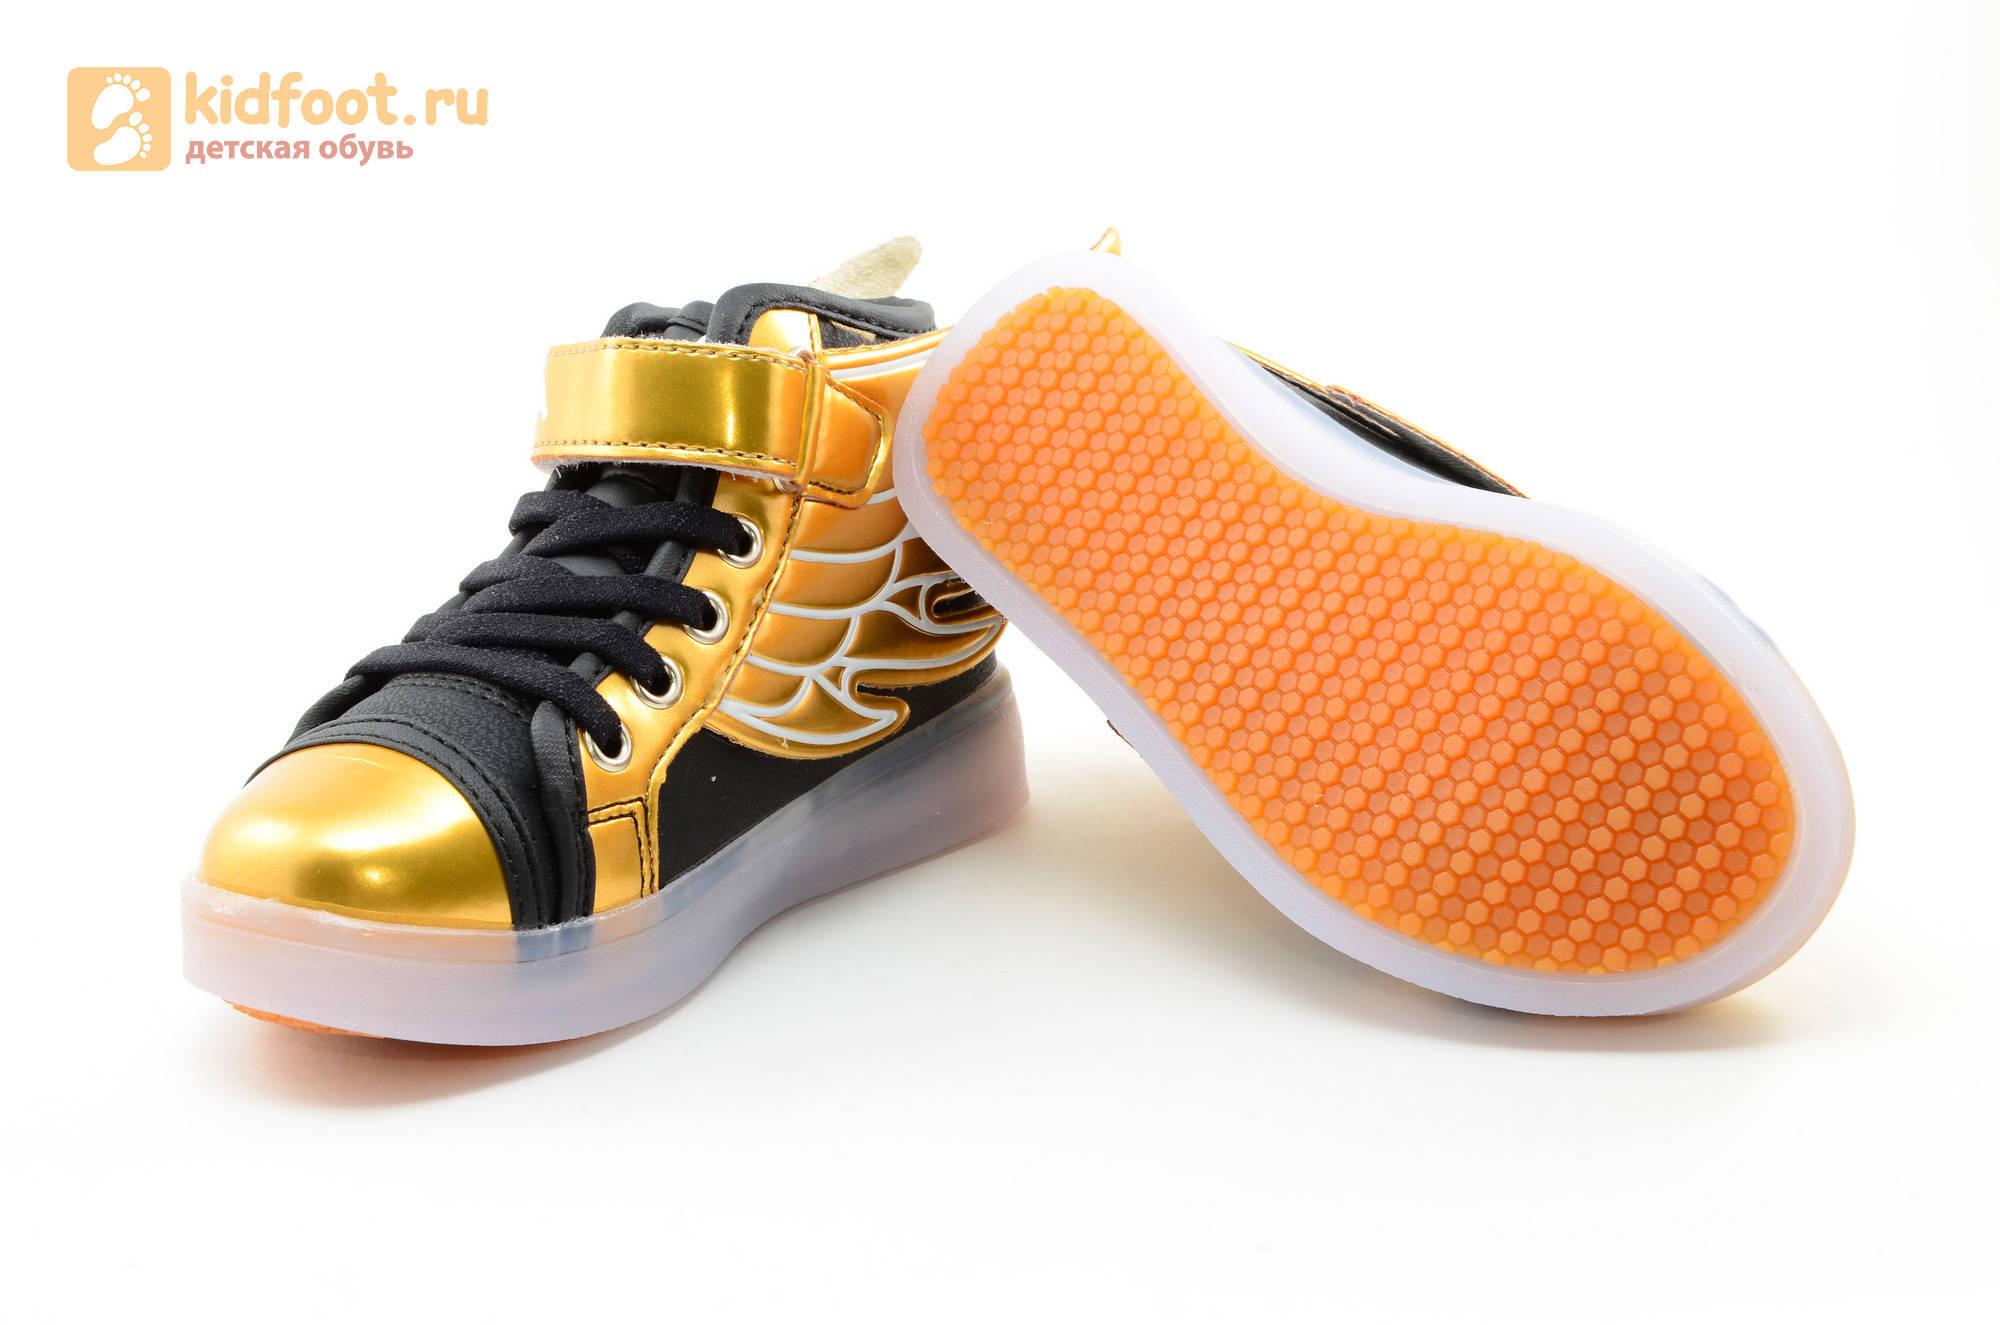 Светящиеся кроссовки с крыльями с USB зарядкой Бебексия (BEIBEIXIA), цвет черный золотой, светится вся подошва